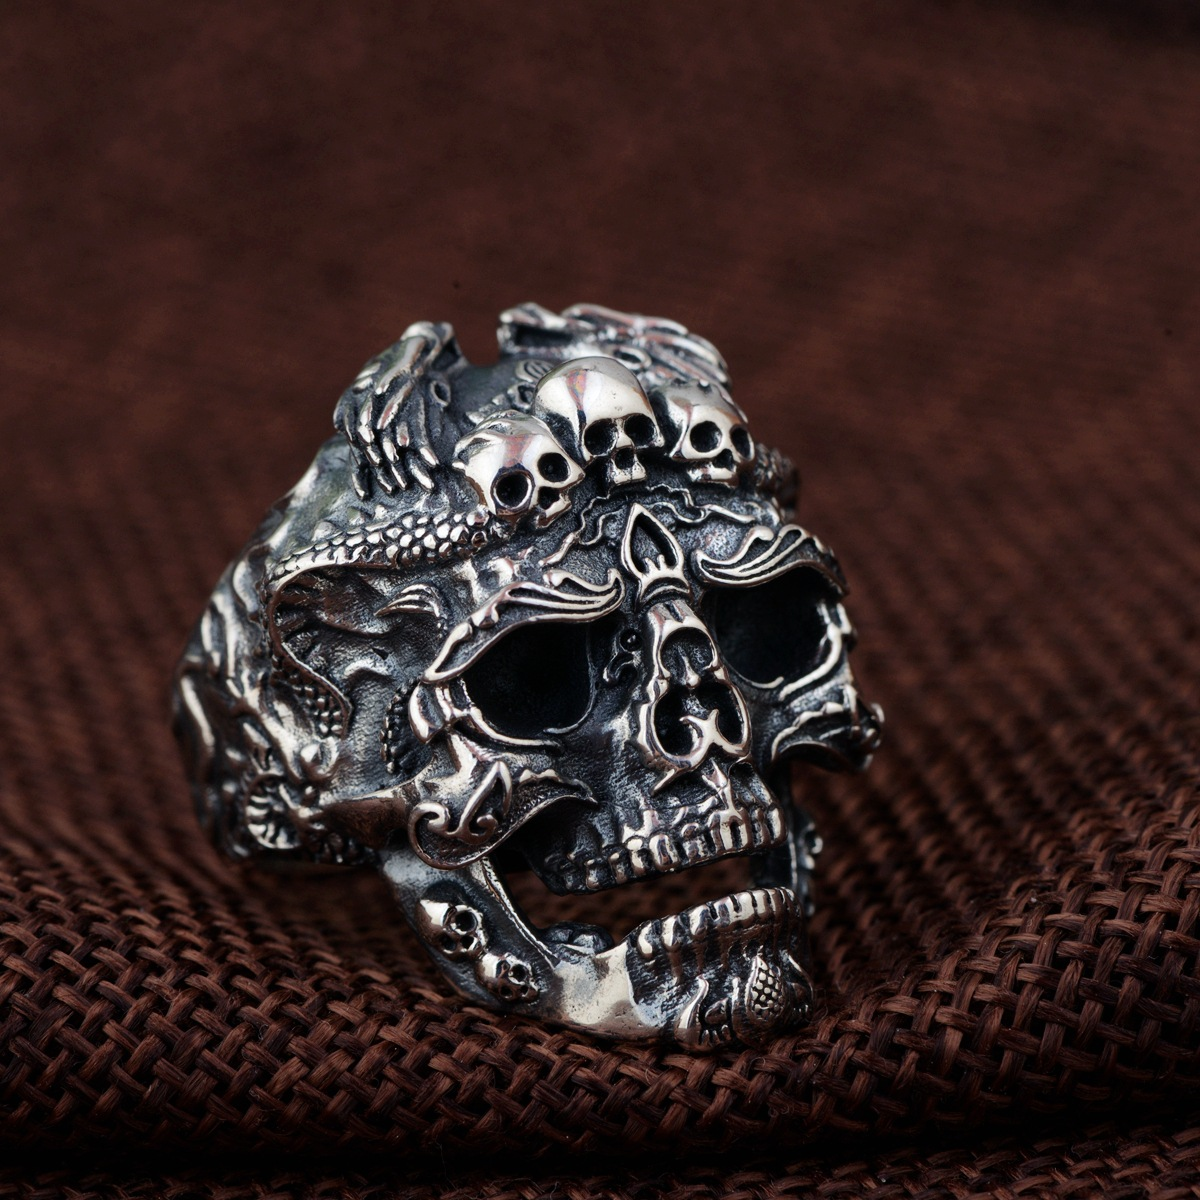 Tête de crâne personnalisée hommes anneaux Biker grand lourd redimensionnable 925 en argent Sterling Vintage Punk gothique anneaux pour hommes